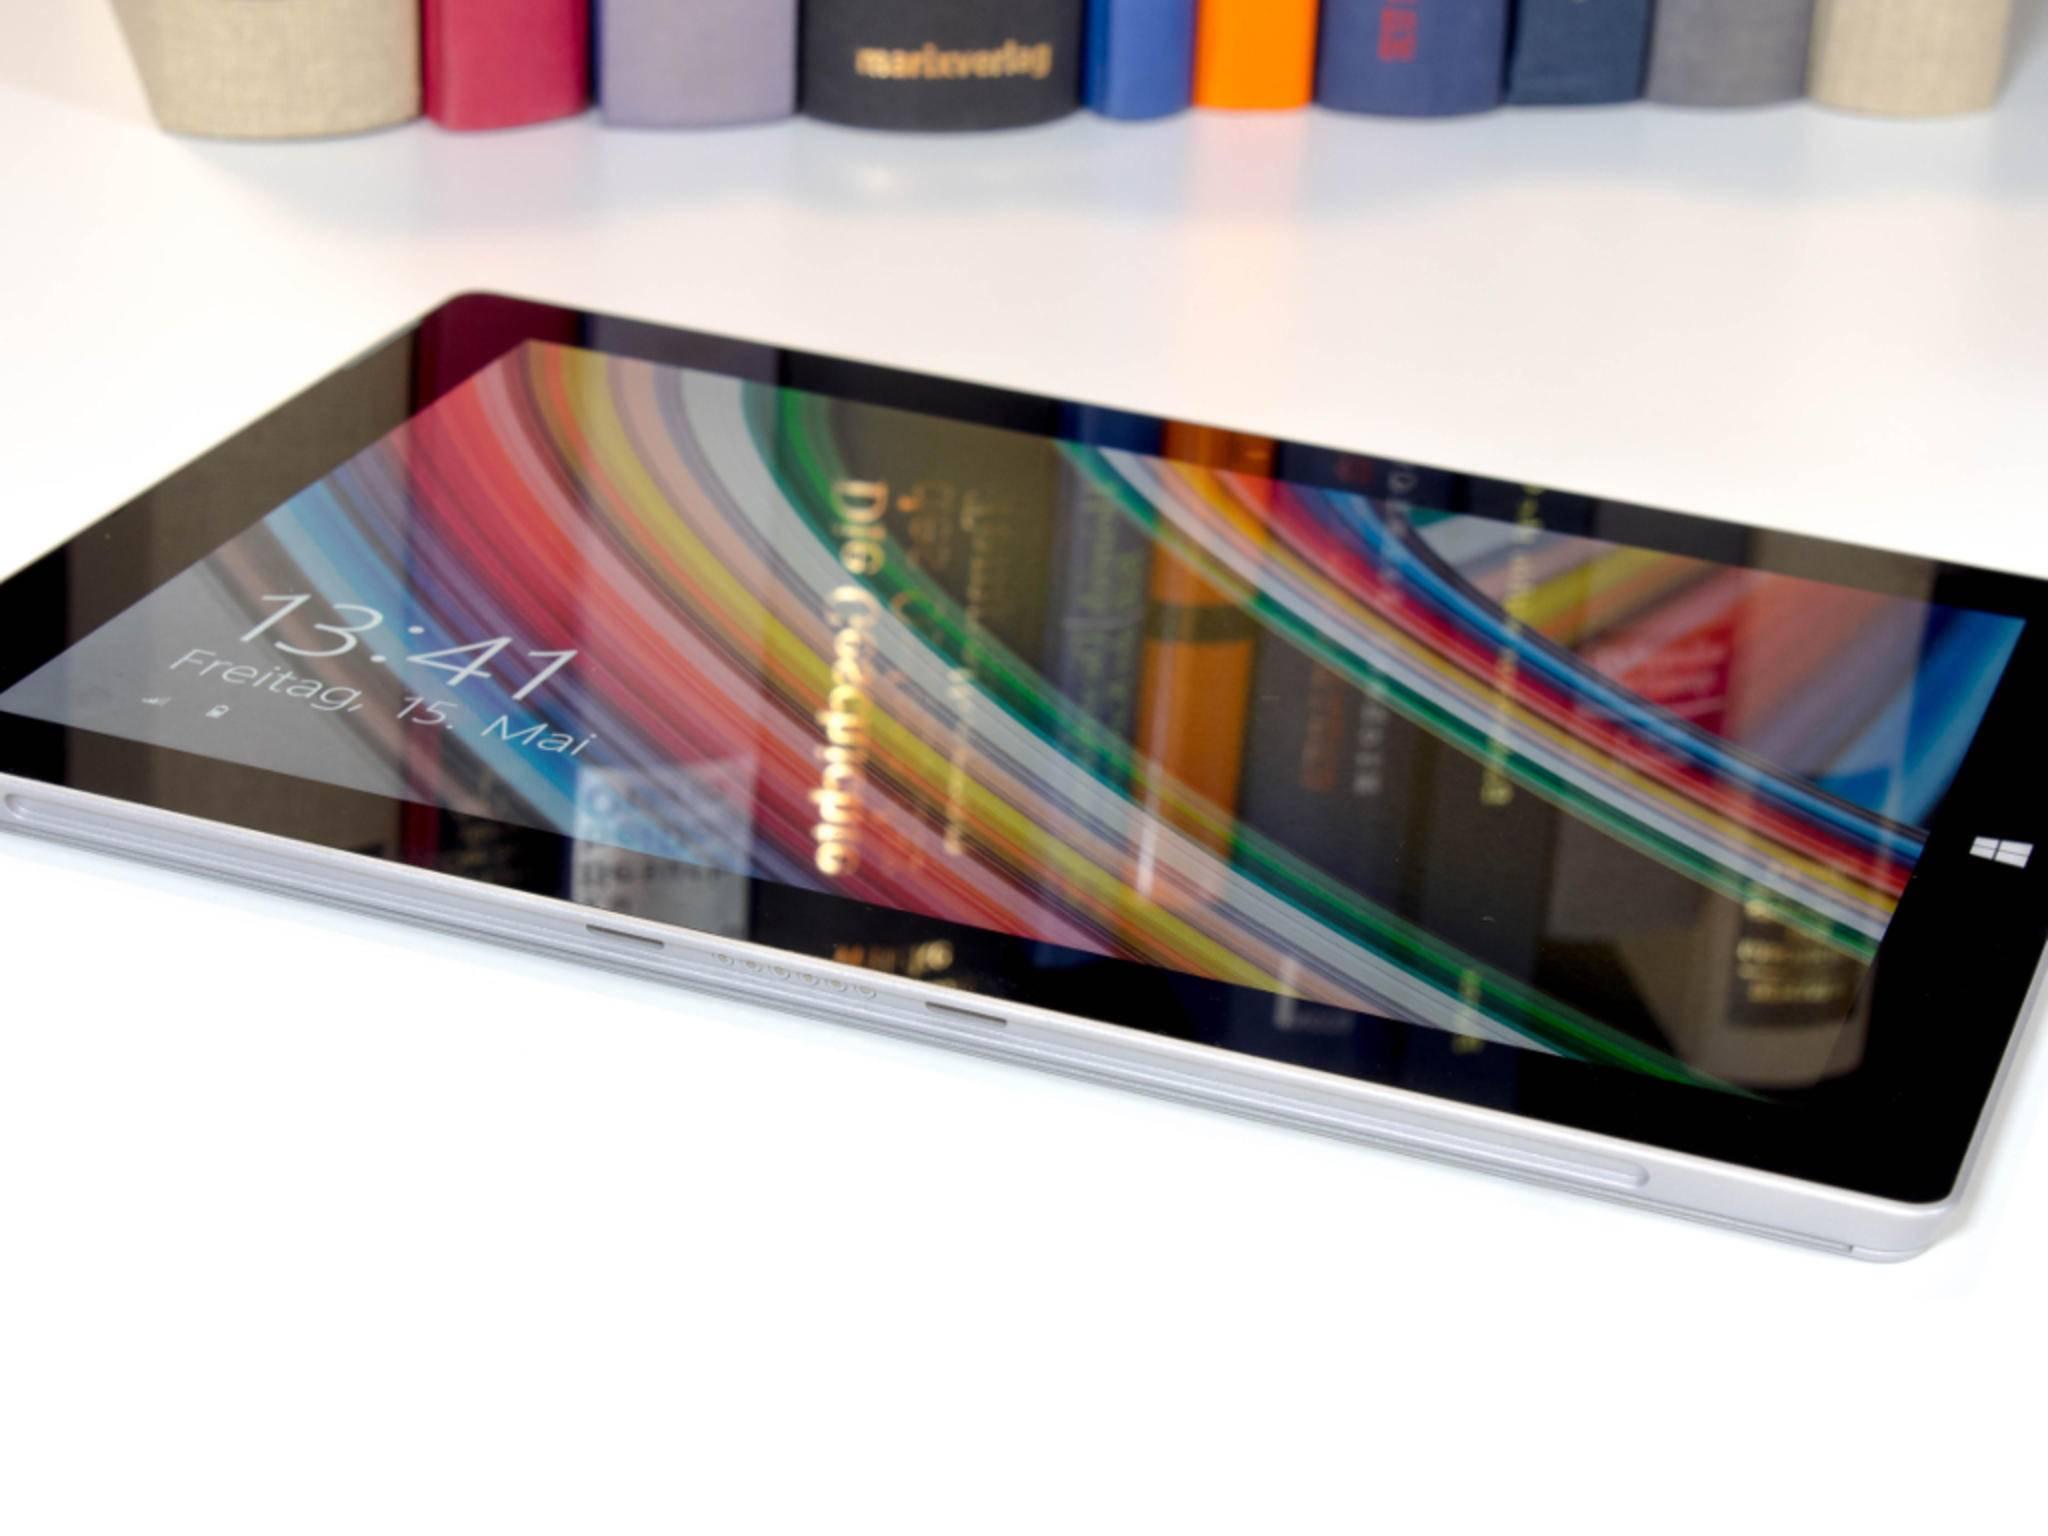 Das Surface 3 kommt im schicken Magnesium-Gehäuse daher.